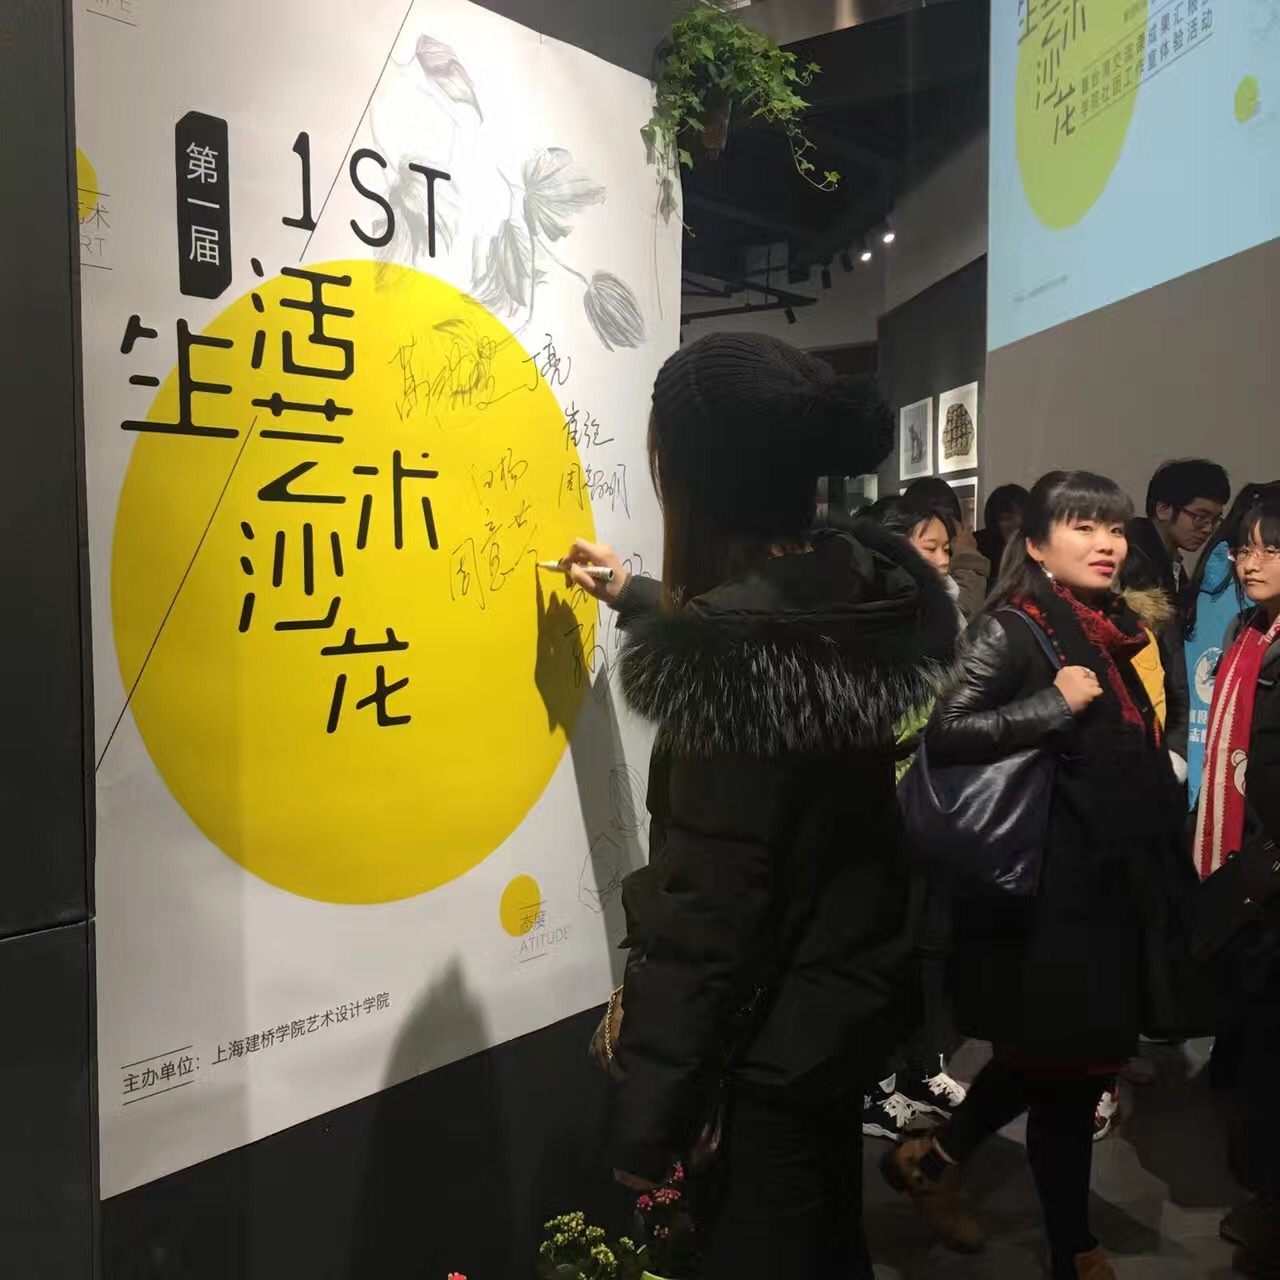 艺术设计学院首届生活艺术设计沙龙成功举办